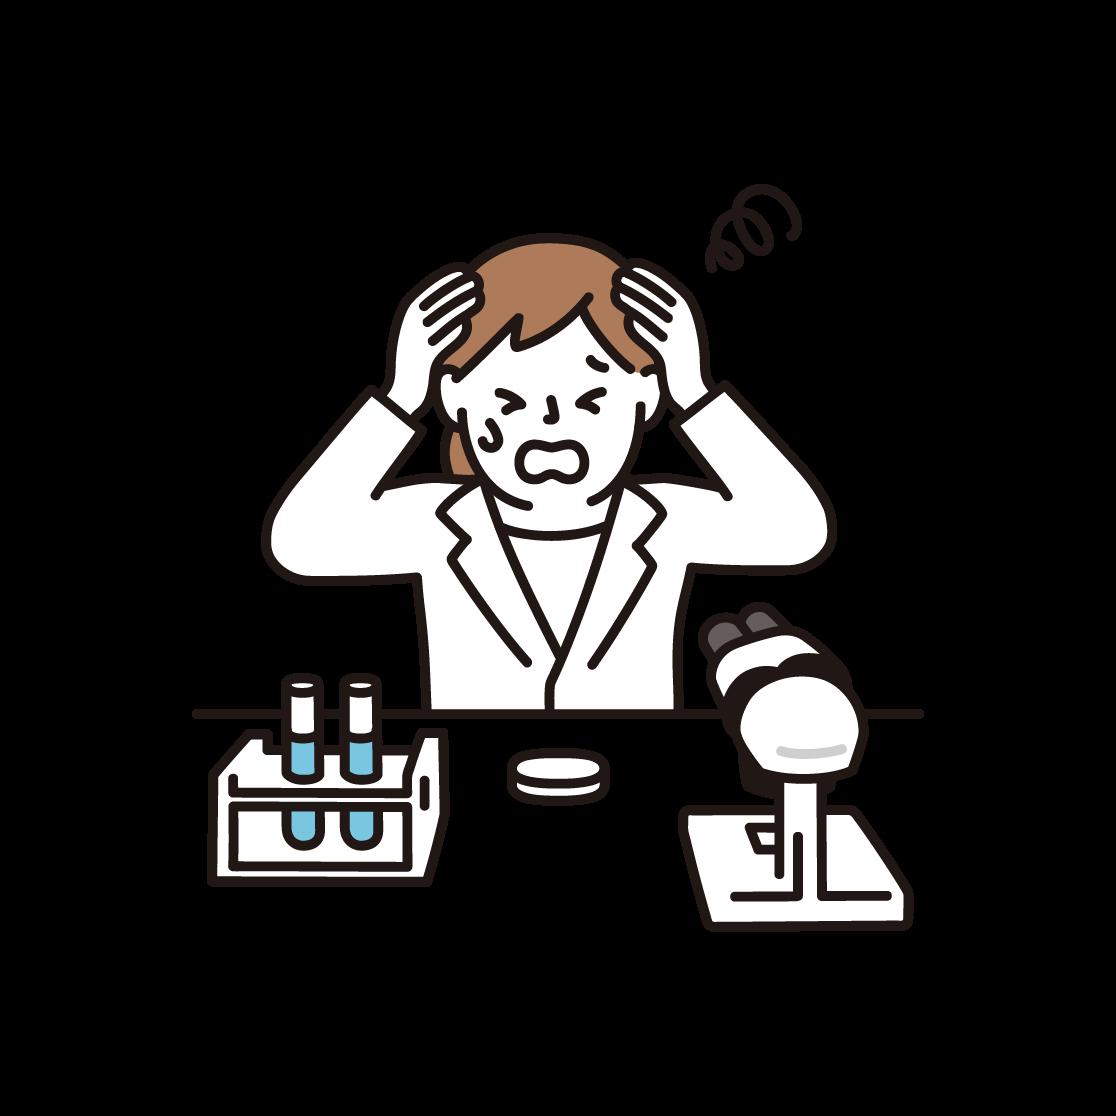 頭を抱える研究者(女性)